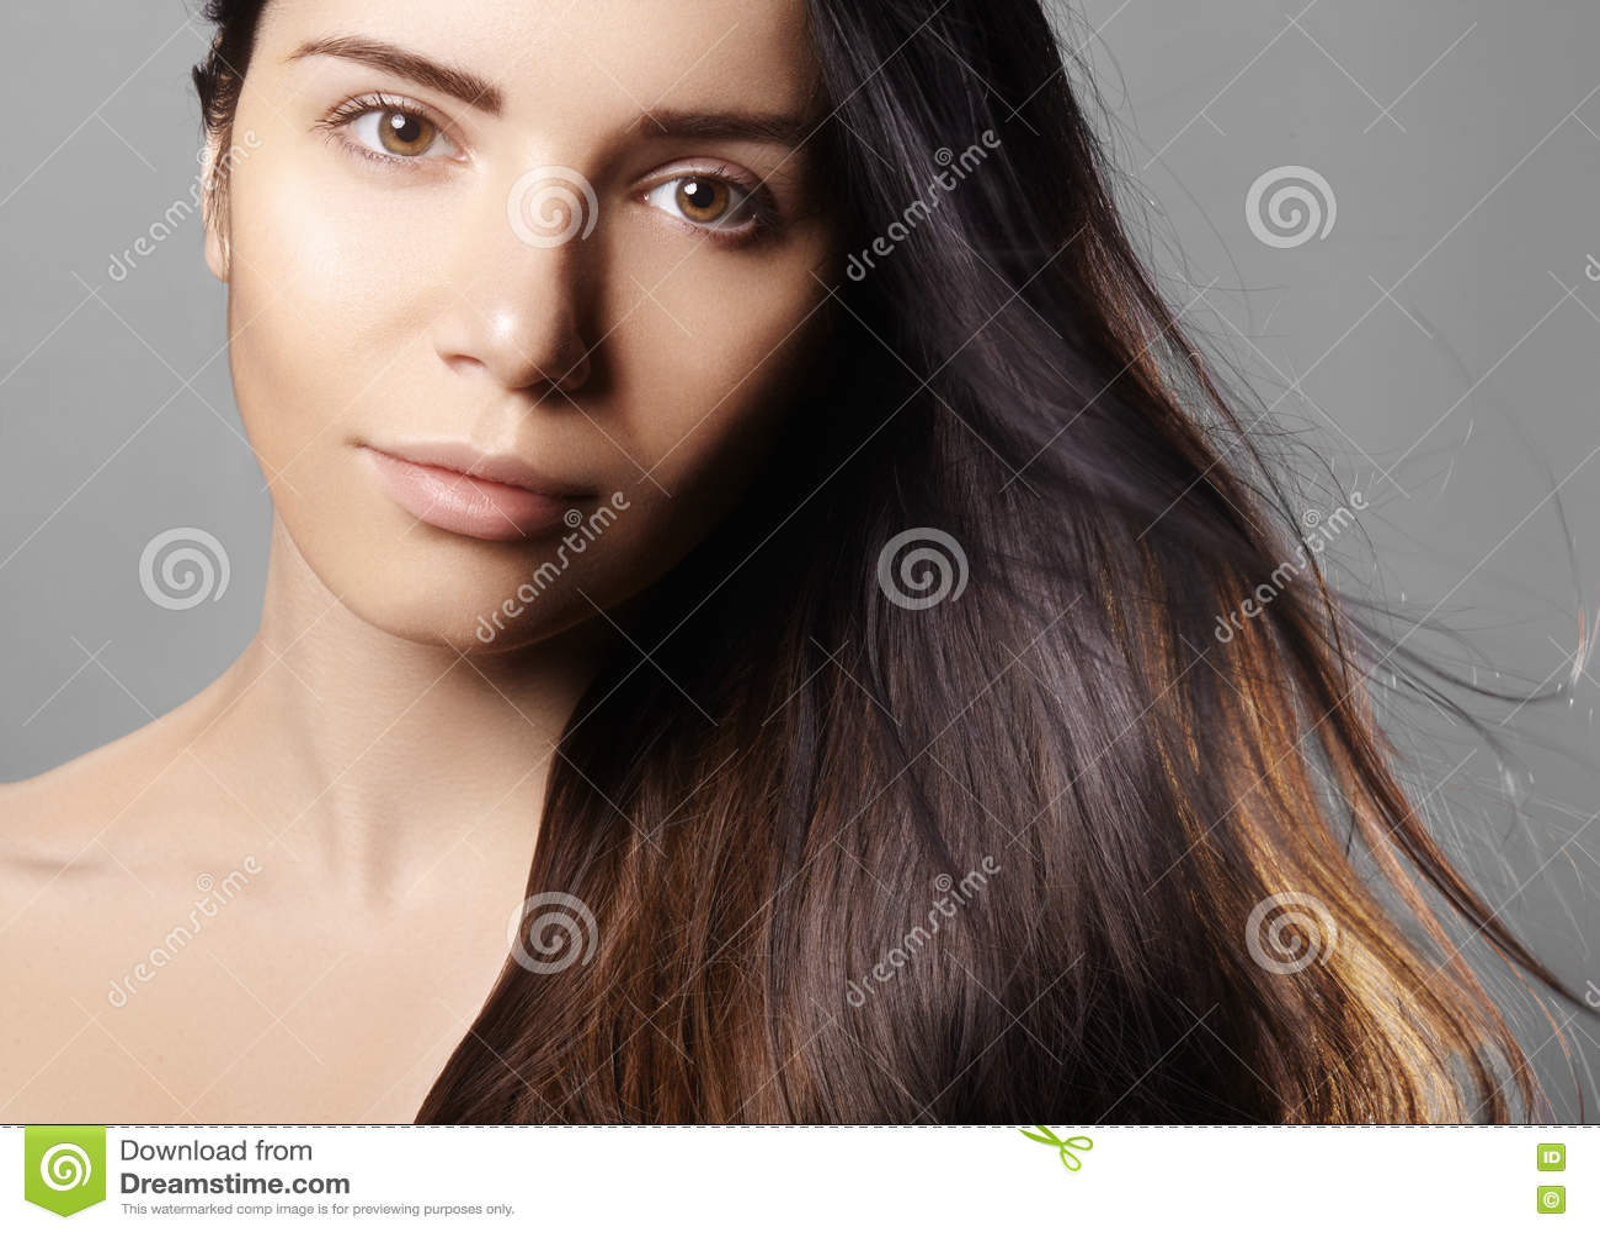 Couleur cheveux clair femme